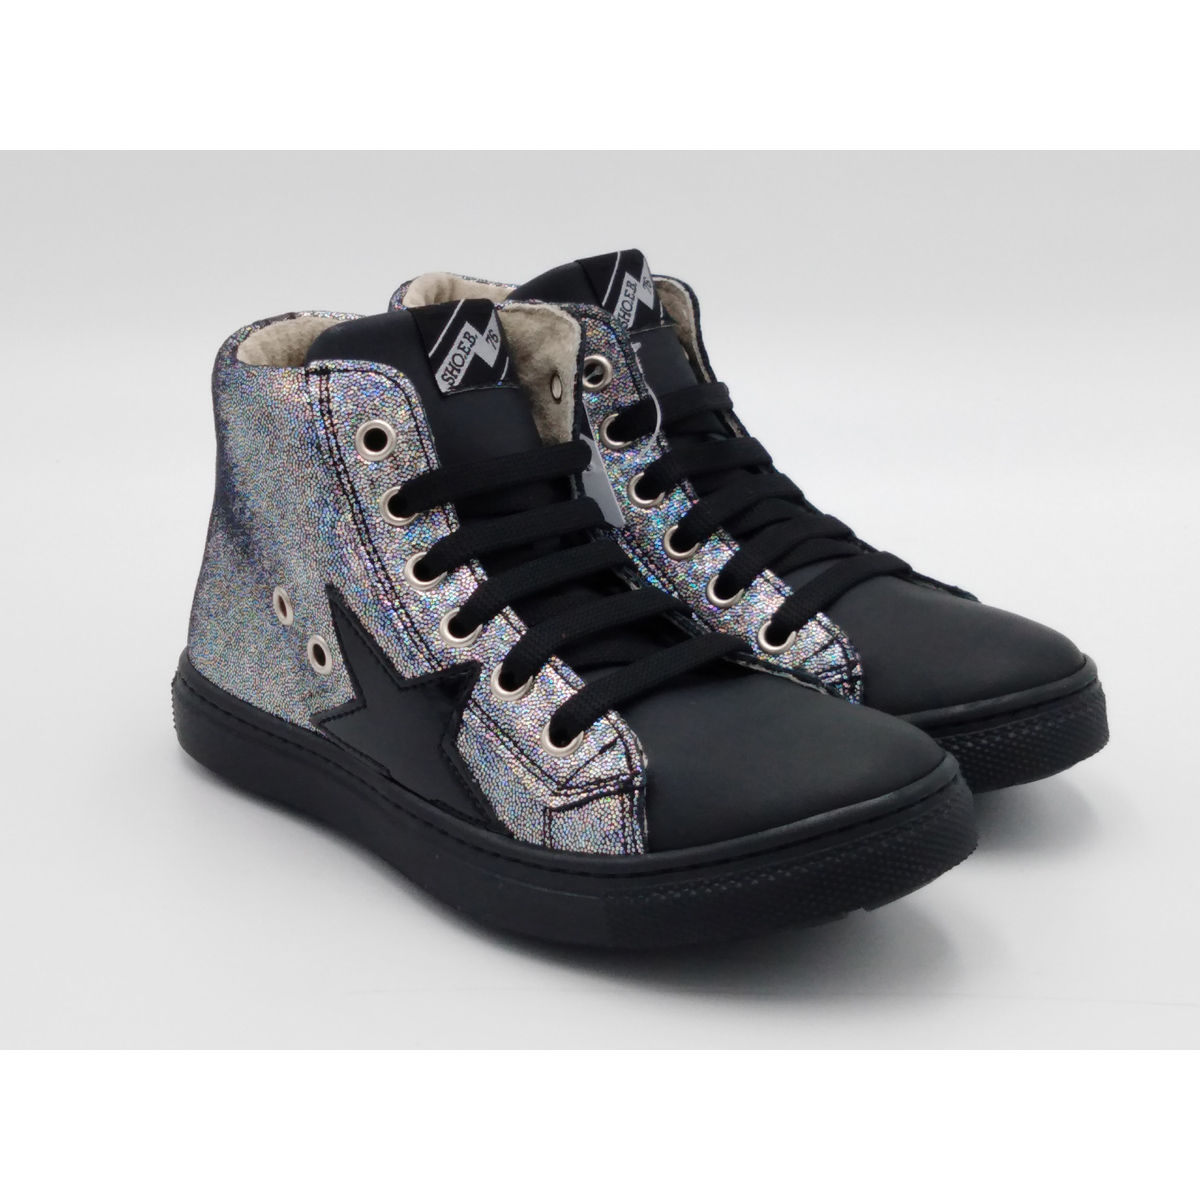 SHOE B 76 -Sneaker lacci...